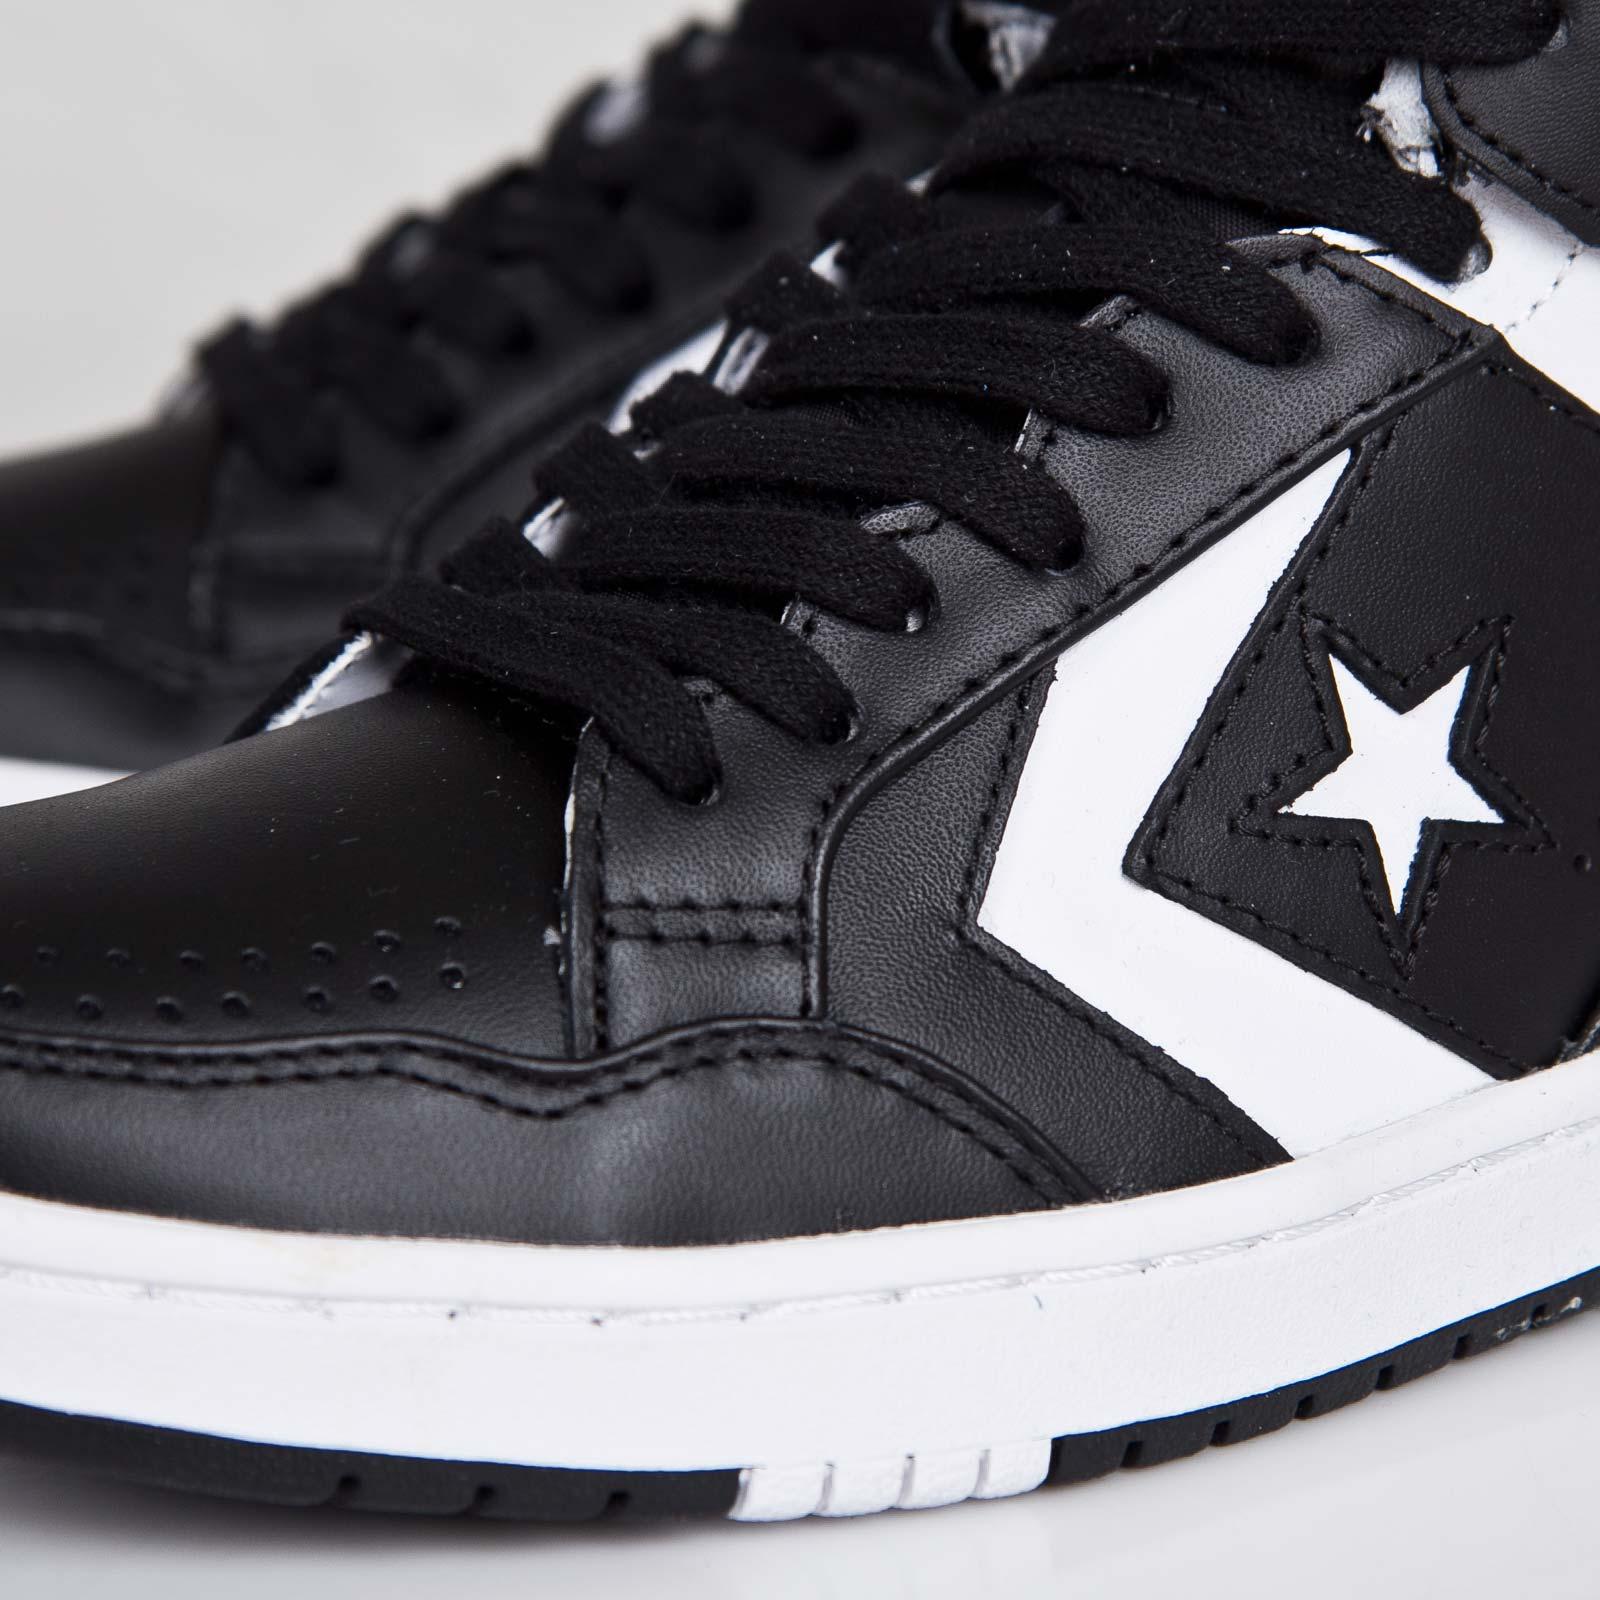 91acb72032e Converse Weapon mid - 144545c - Sneakersnstuff | sneakers & streetwear  online since 1999